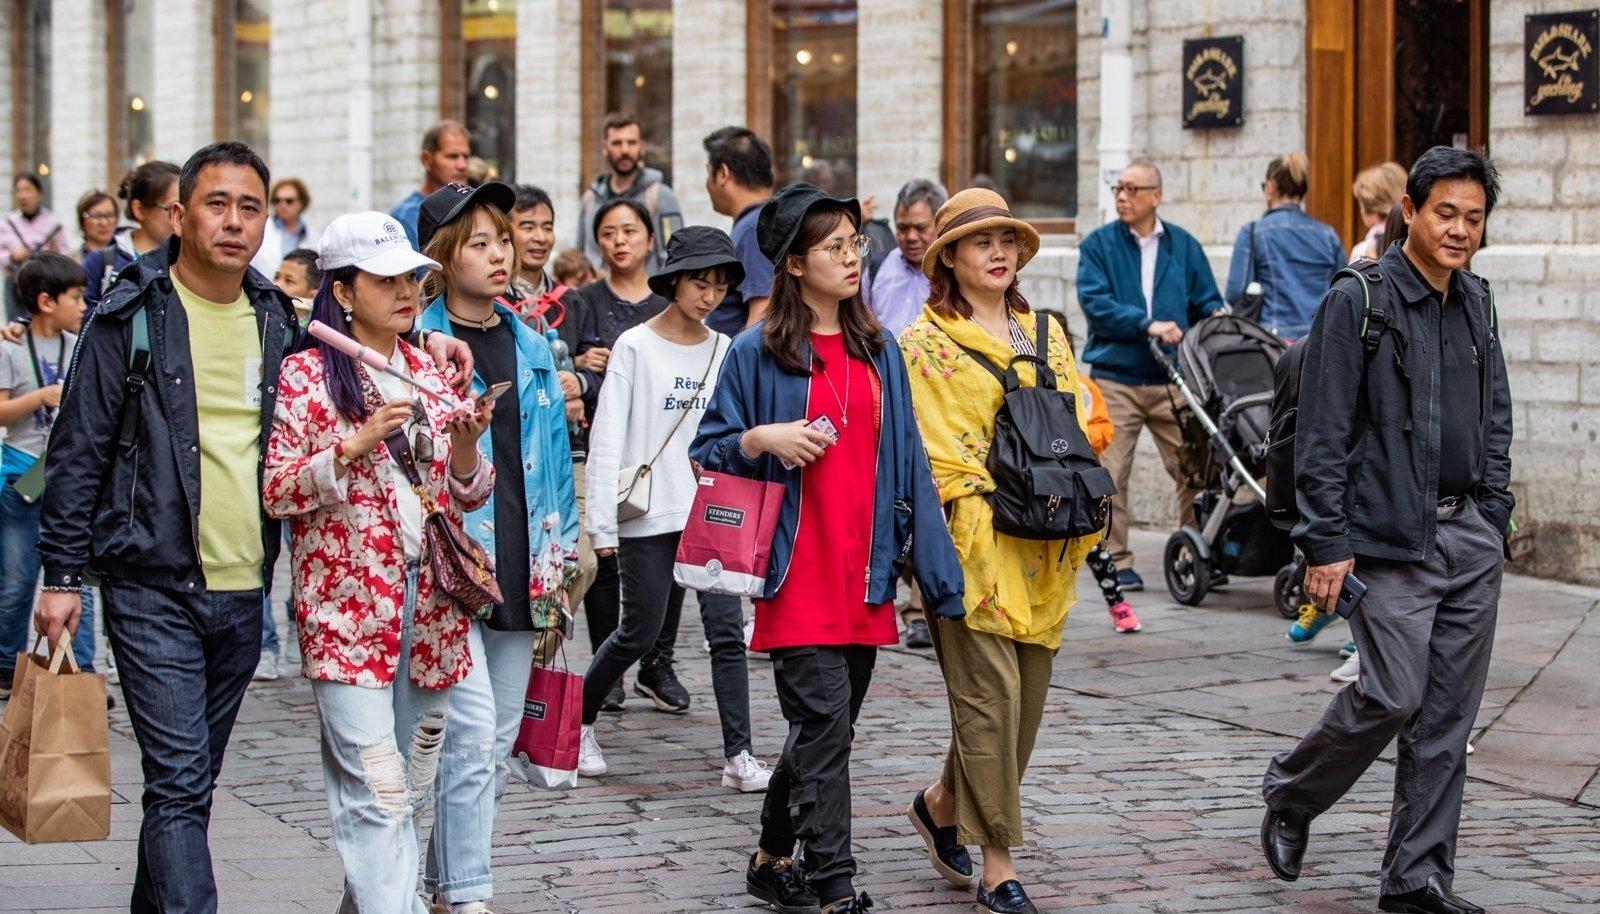 Ristlusturistid Tallinna vanalinnas, kus kulub lõviosa nende ajast.